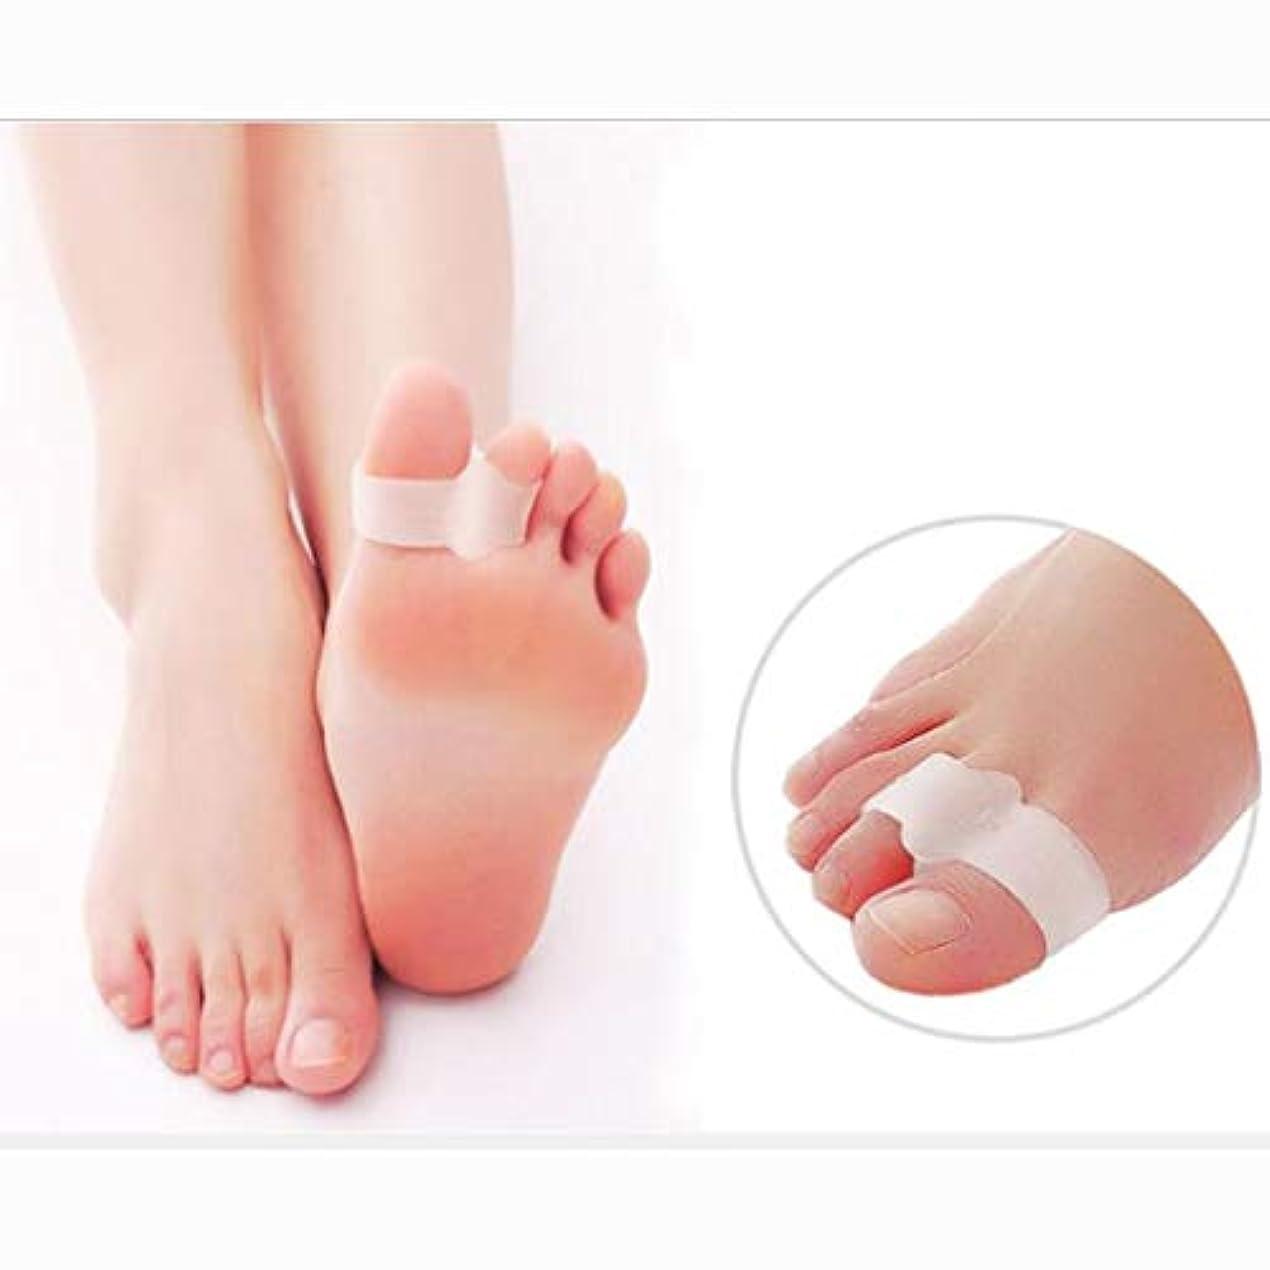 単語鹿スキムFANGQIAO SHOP-脚装具 足矯正器-M-toe Eversion Hemper Toe Head Big Bone Toe Overlapping Finger Deviator 脚装具-10.11 (Size...